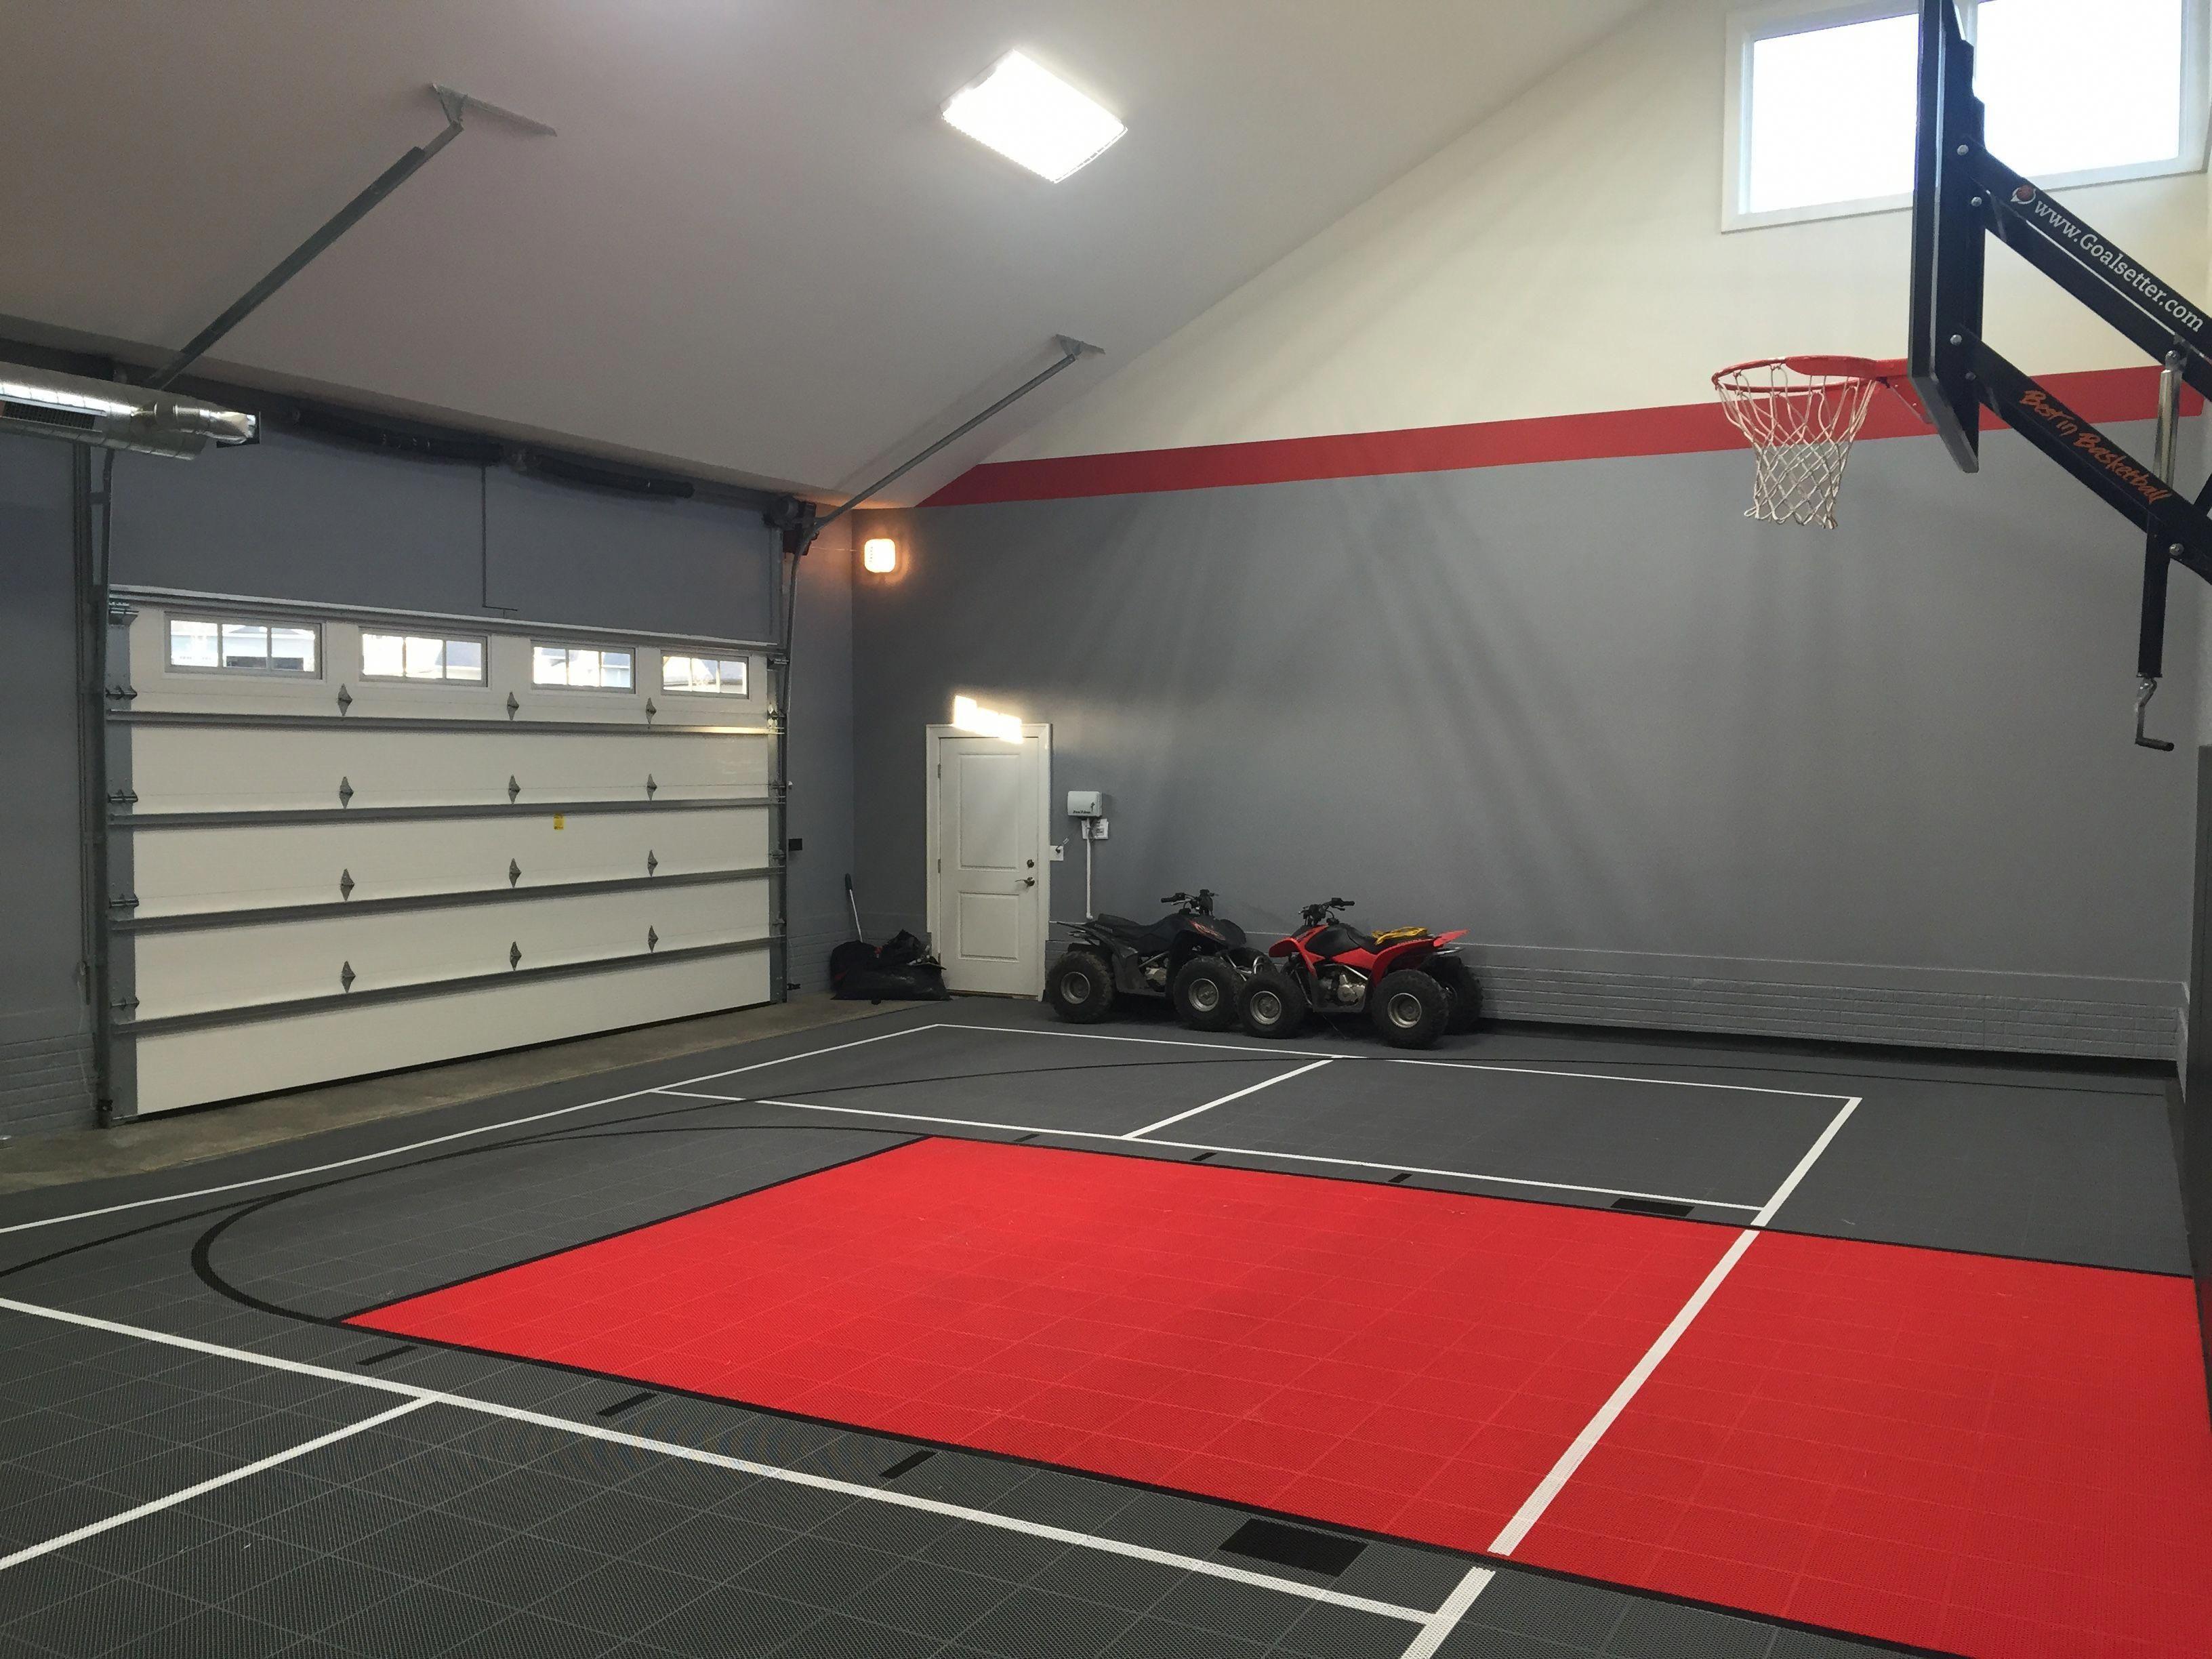 Garage Gym Sport Court Outdoorbasketballcourt Home Basketball Court Home Gym Garage Indoor Basketball Court